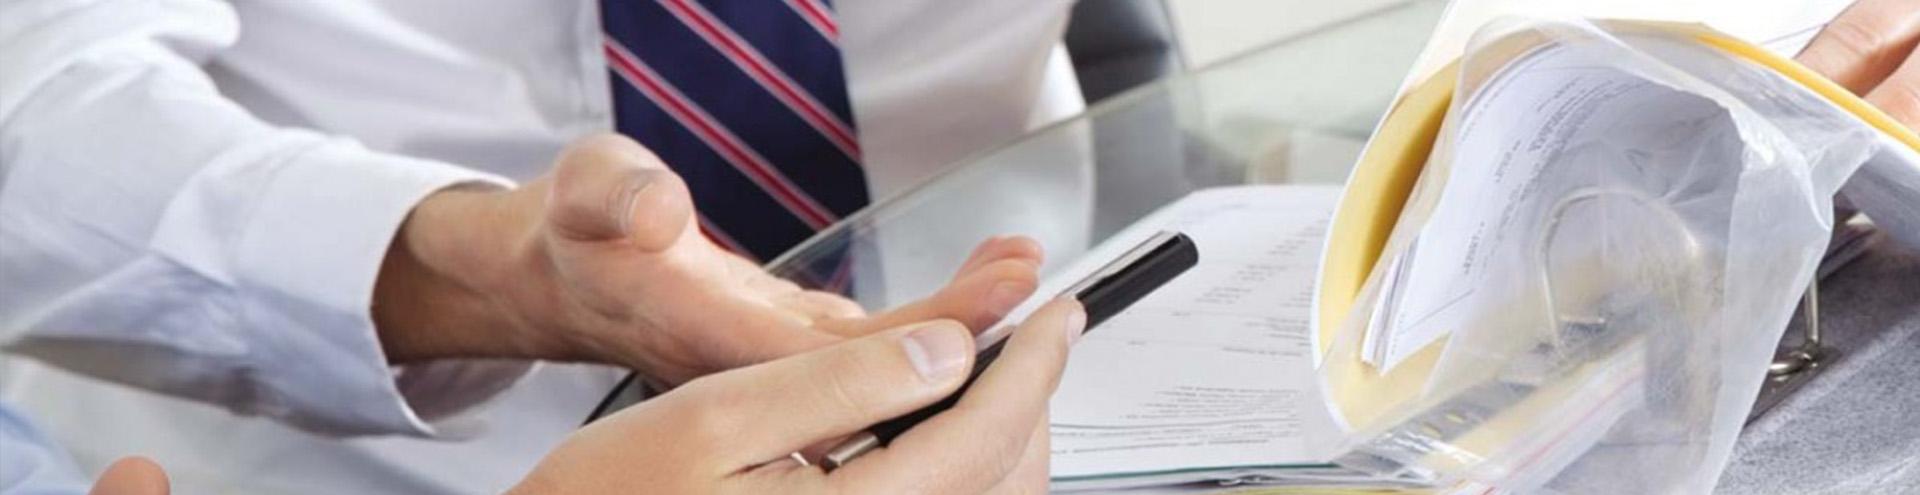 Документы на банкротство юридического лица в Оренбурге и Оренбургской области